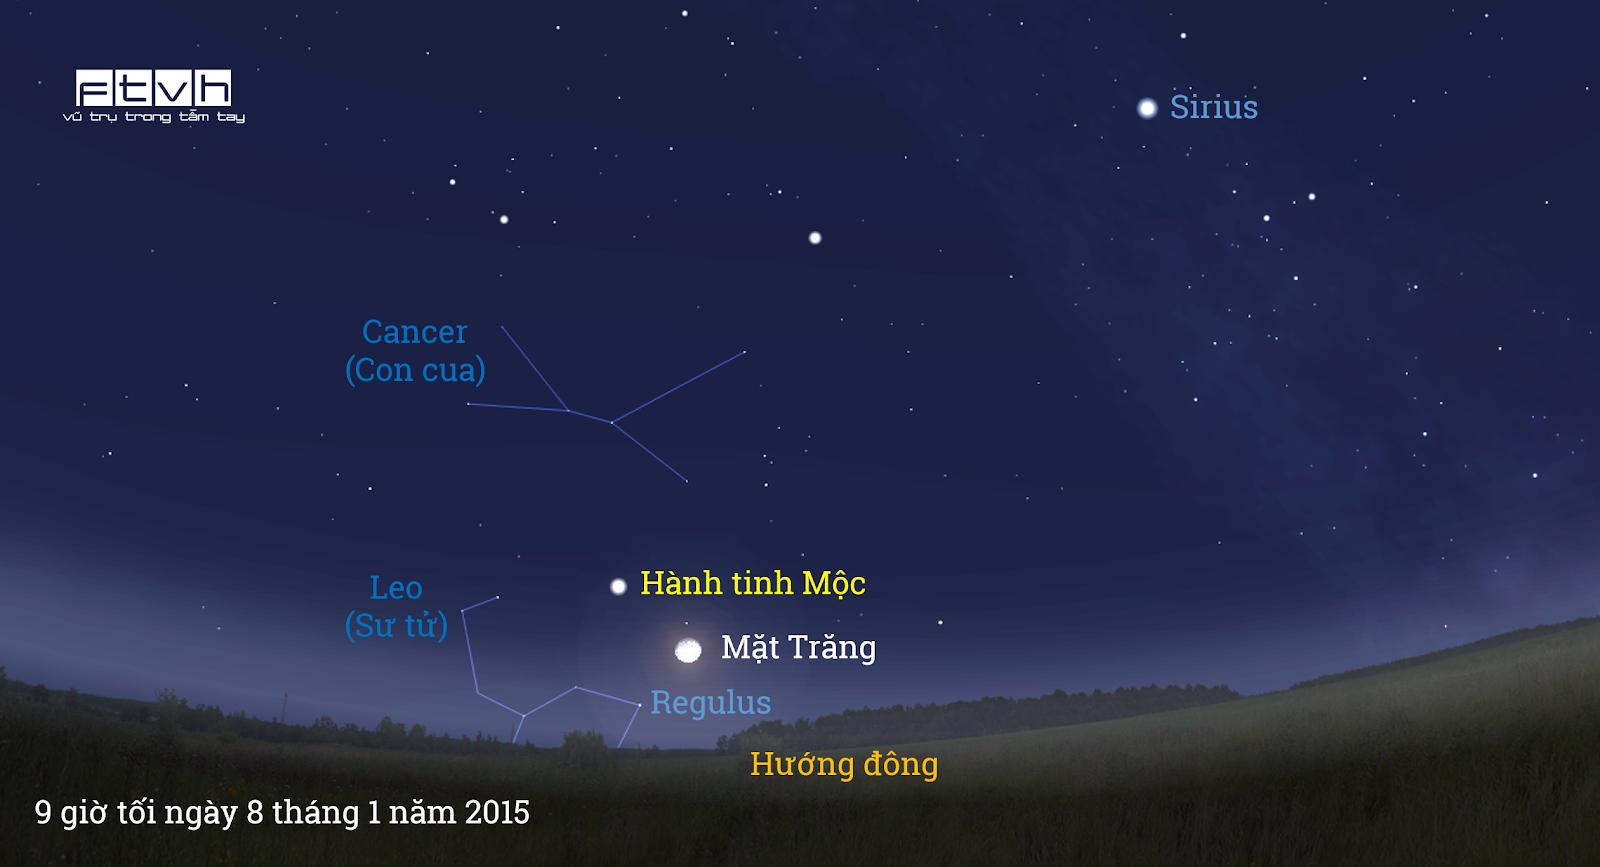 Hình minh họa bầu trời đêm hướng đông lúc 9 giờ tối ngày 8 tháng 1 năm 2015.